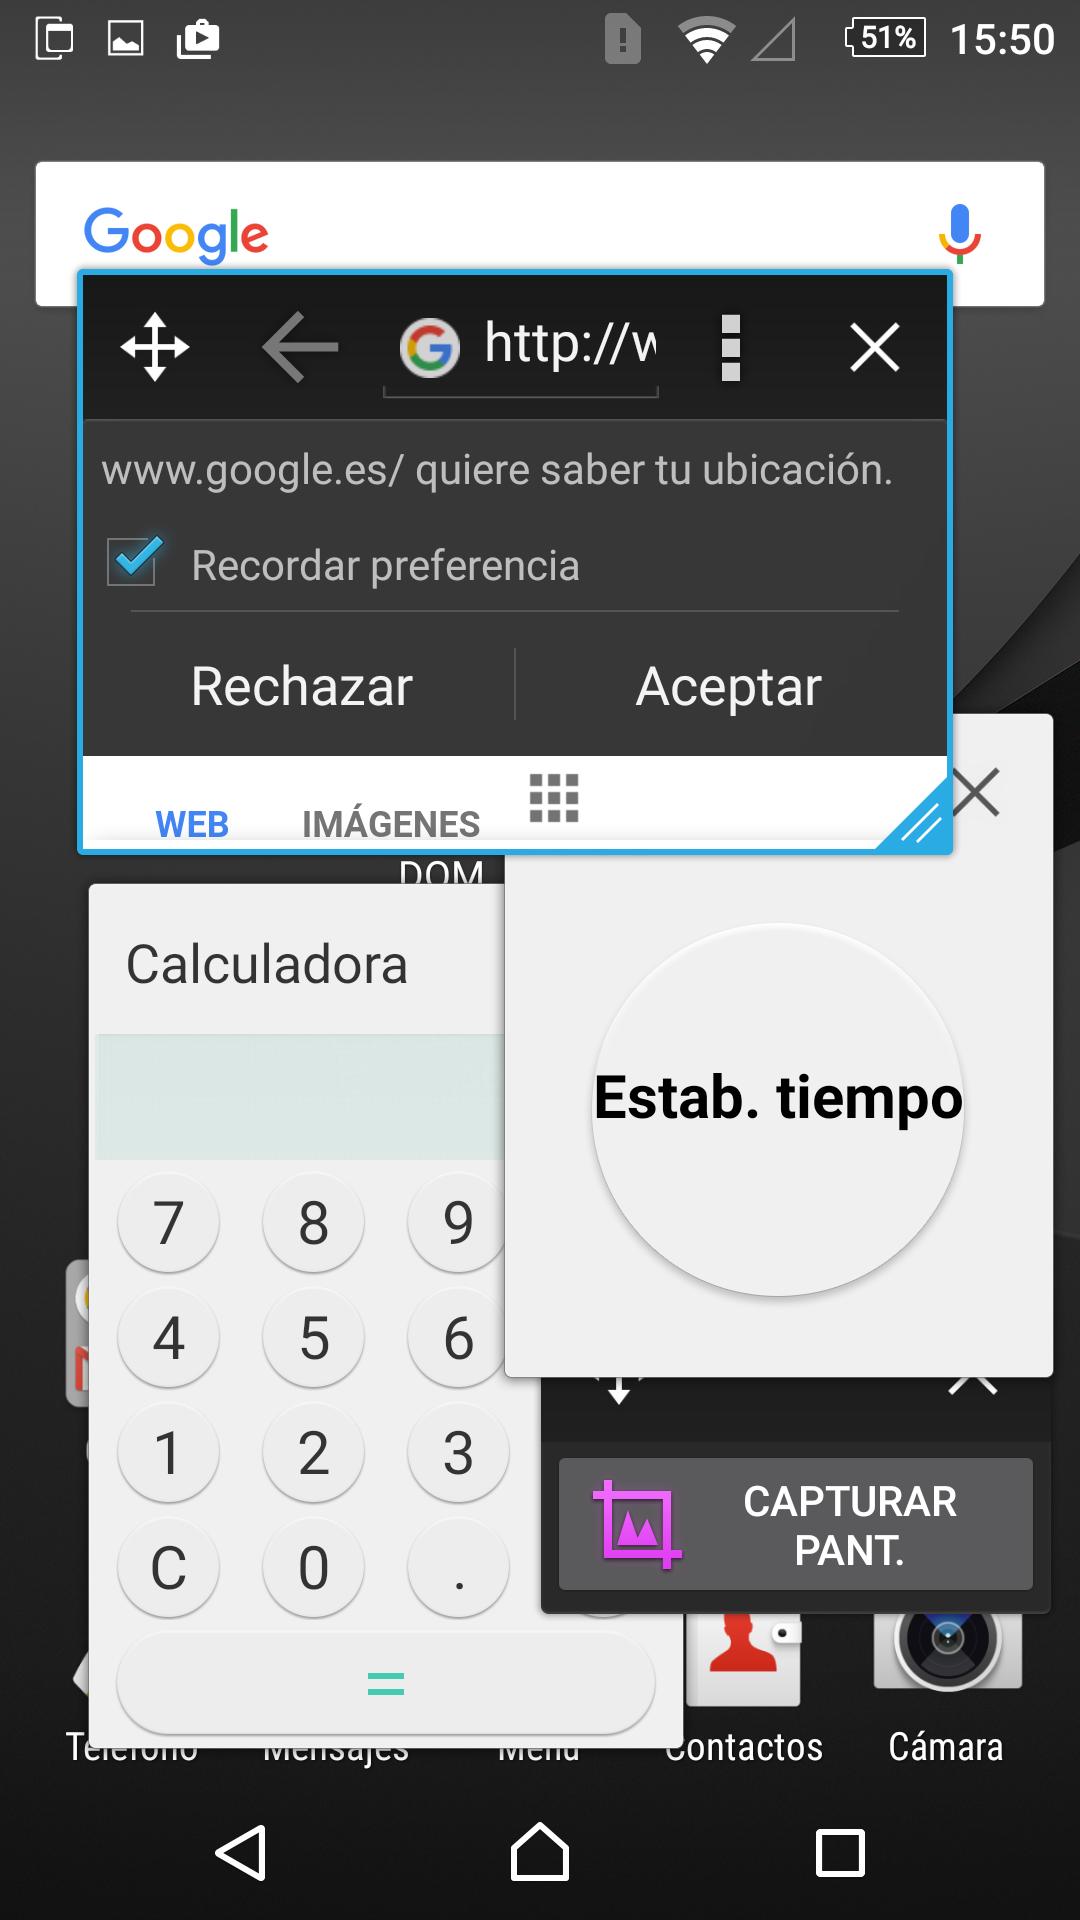 Sony Xperia Z5 Premium, software